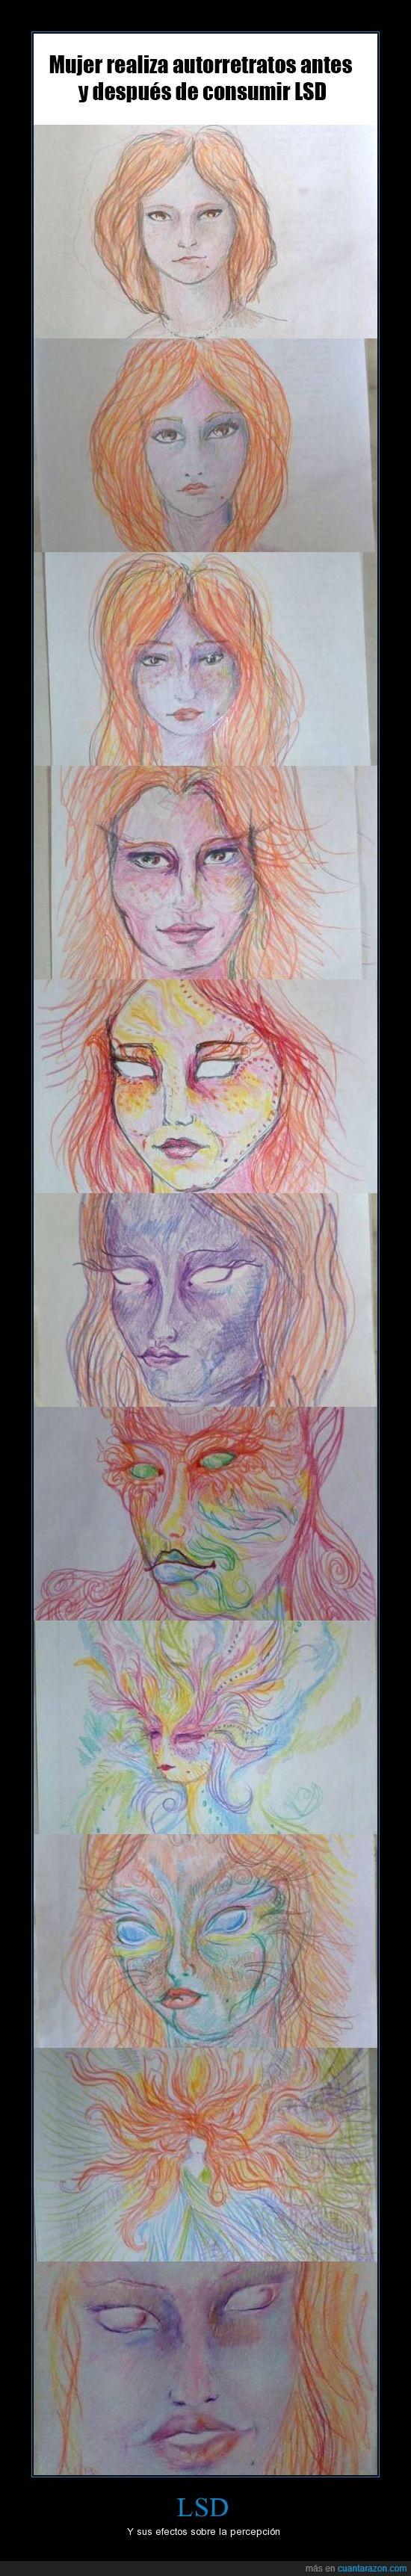 autoretratos,cara,dibujo,efectos,LSD,mujer,tiempo